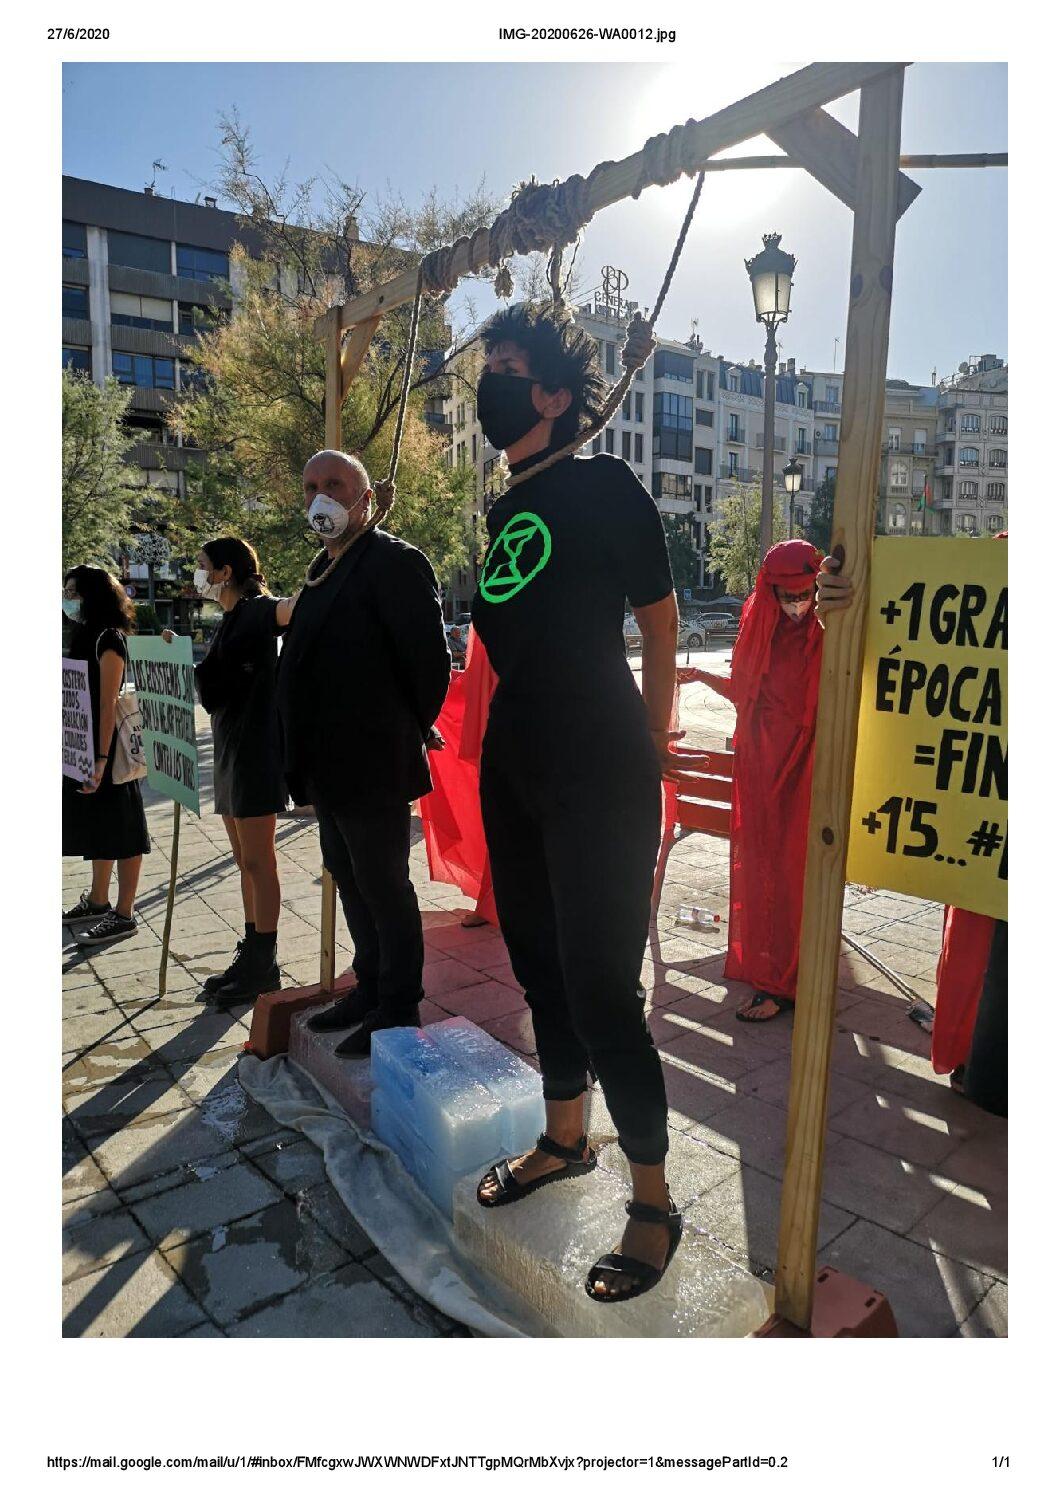 Acción de Extinction Rebellion para protestary concienciar sobre el cambio climático